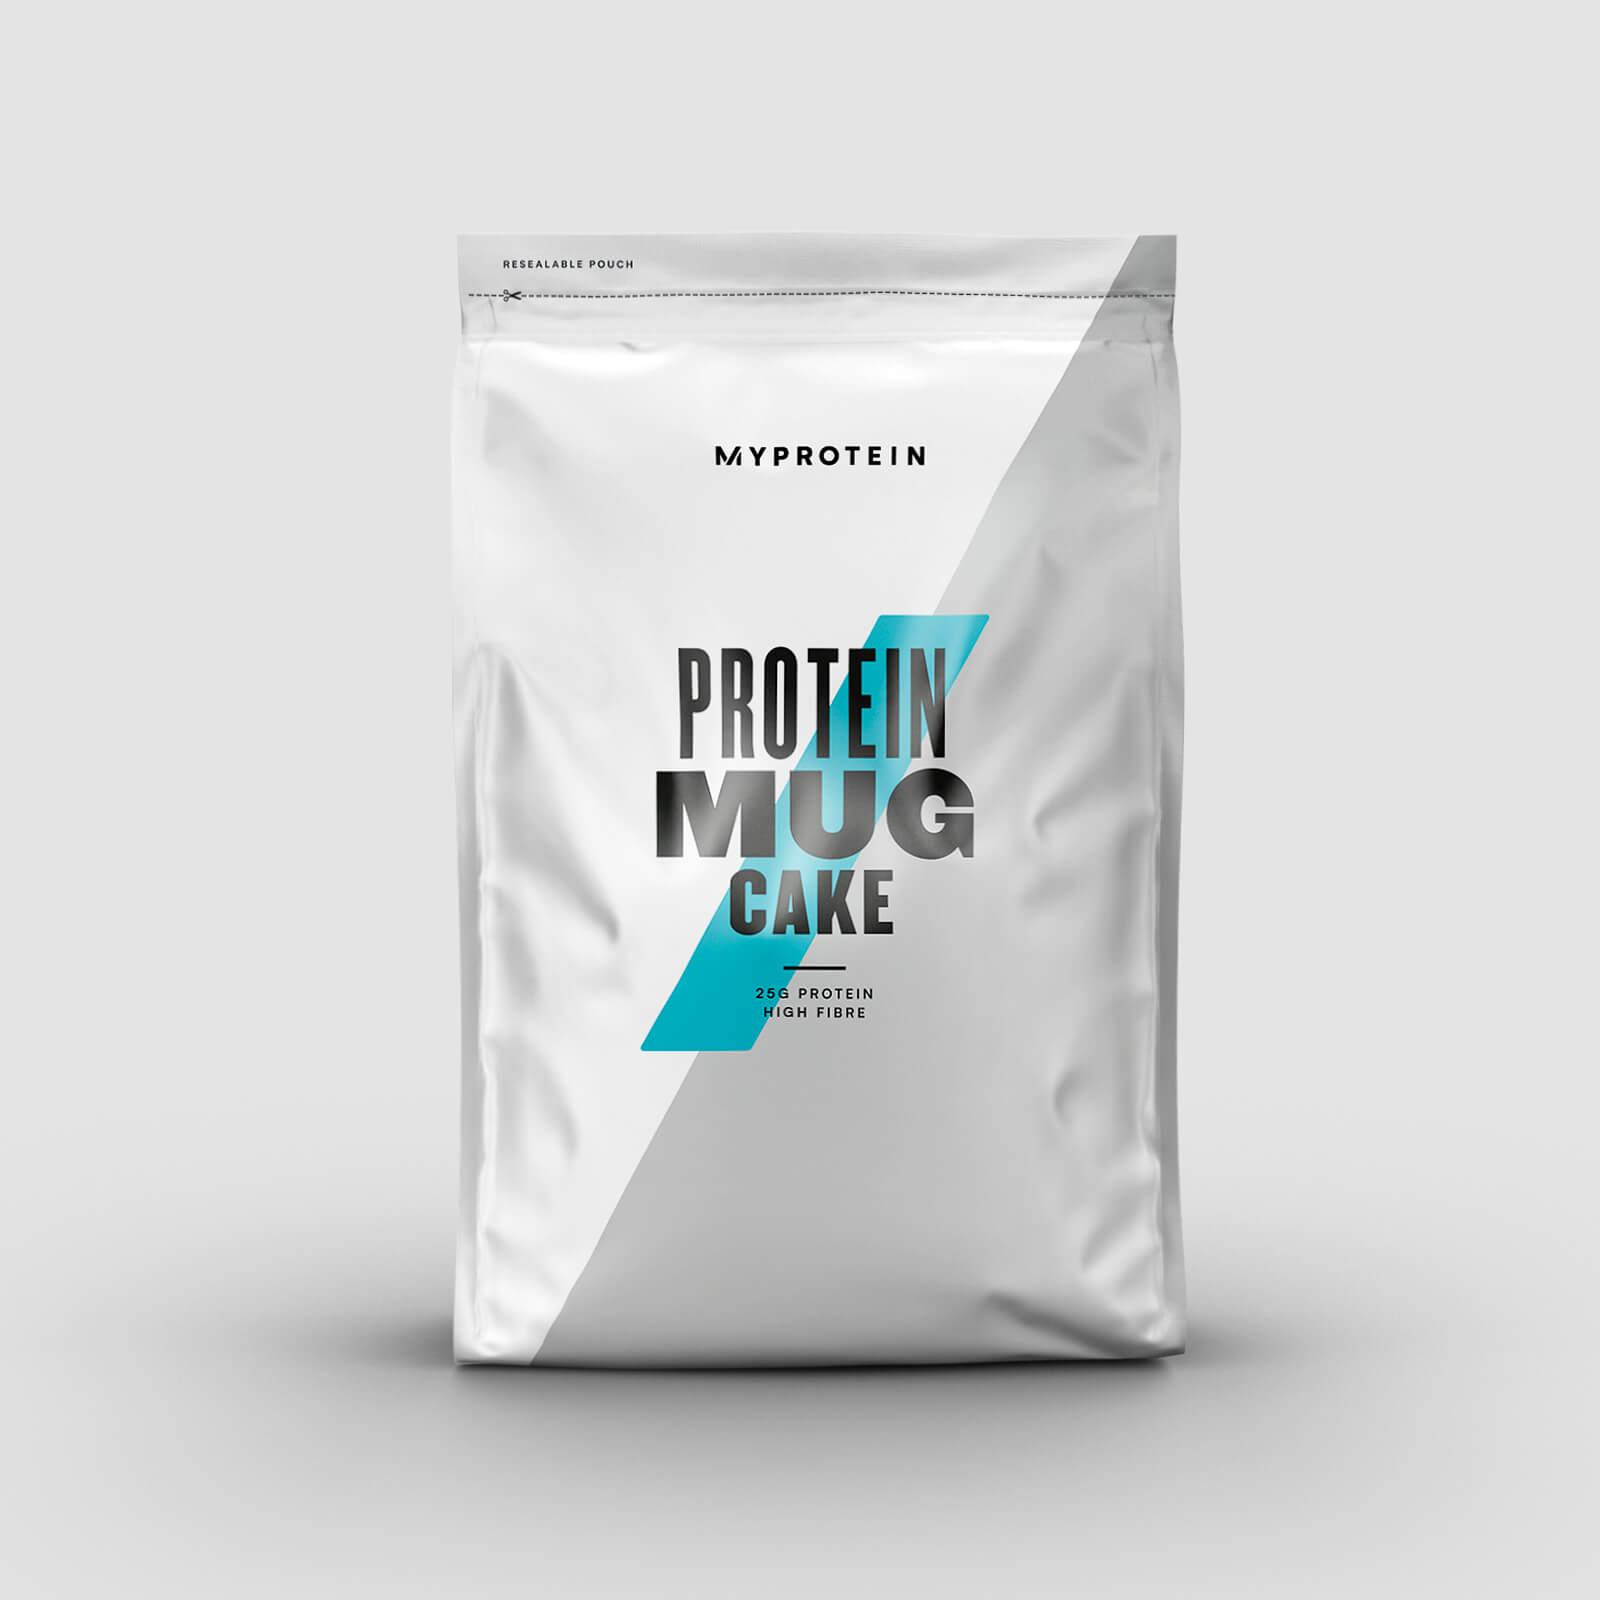 Myprotein Préparation pour Mug Cake Protéiné - 1kg - Chocolat Naturel